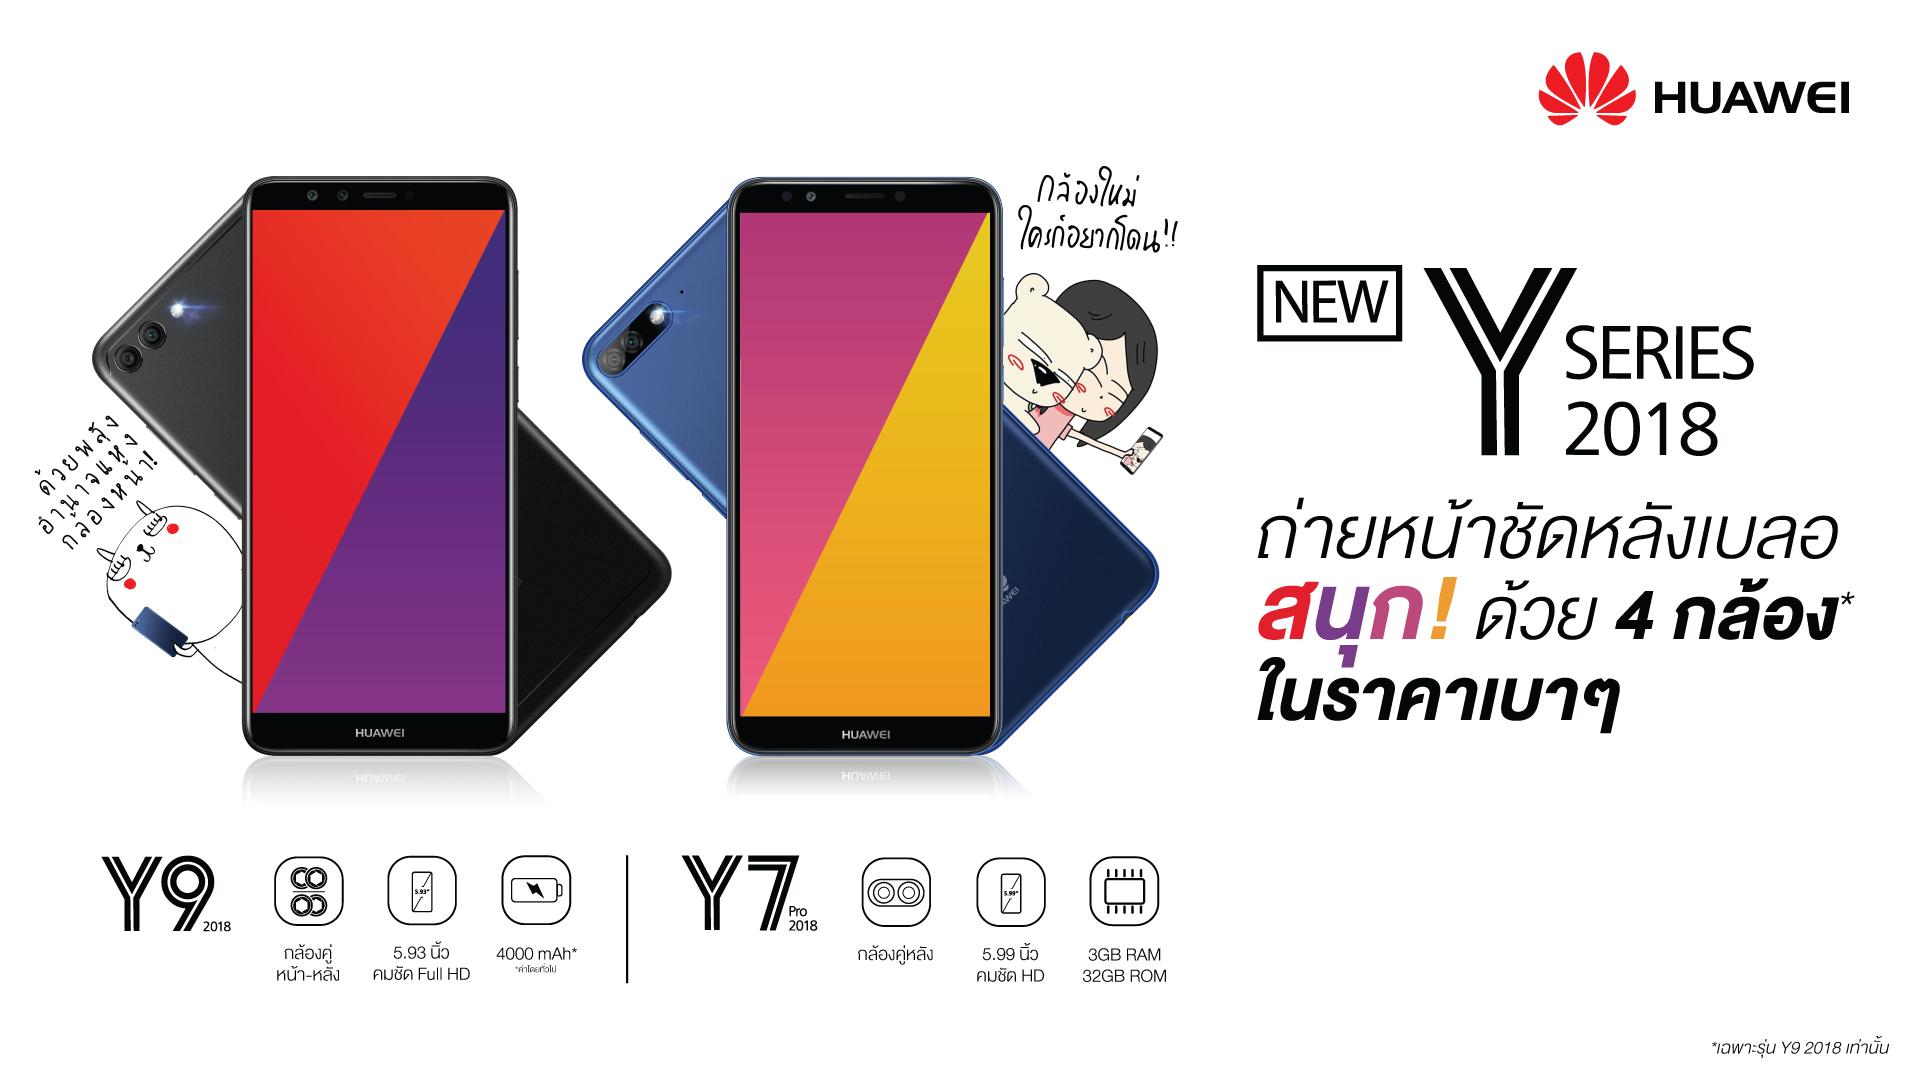 Huawei Y7 Pro (2018) Wallpapers: HUAWEI Y9 2018 สมาร์ทโฟน 4 กล้อง ในราคาเพียง 6,990 บาท วาง